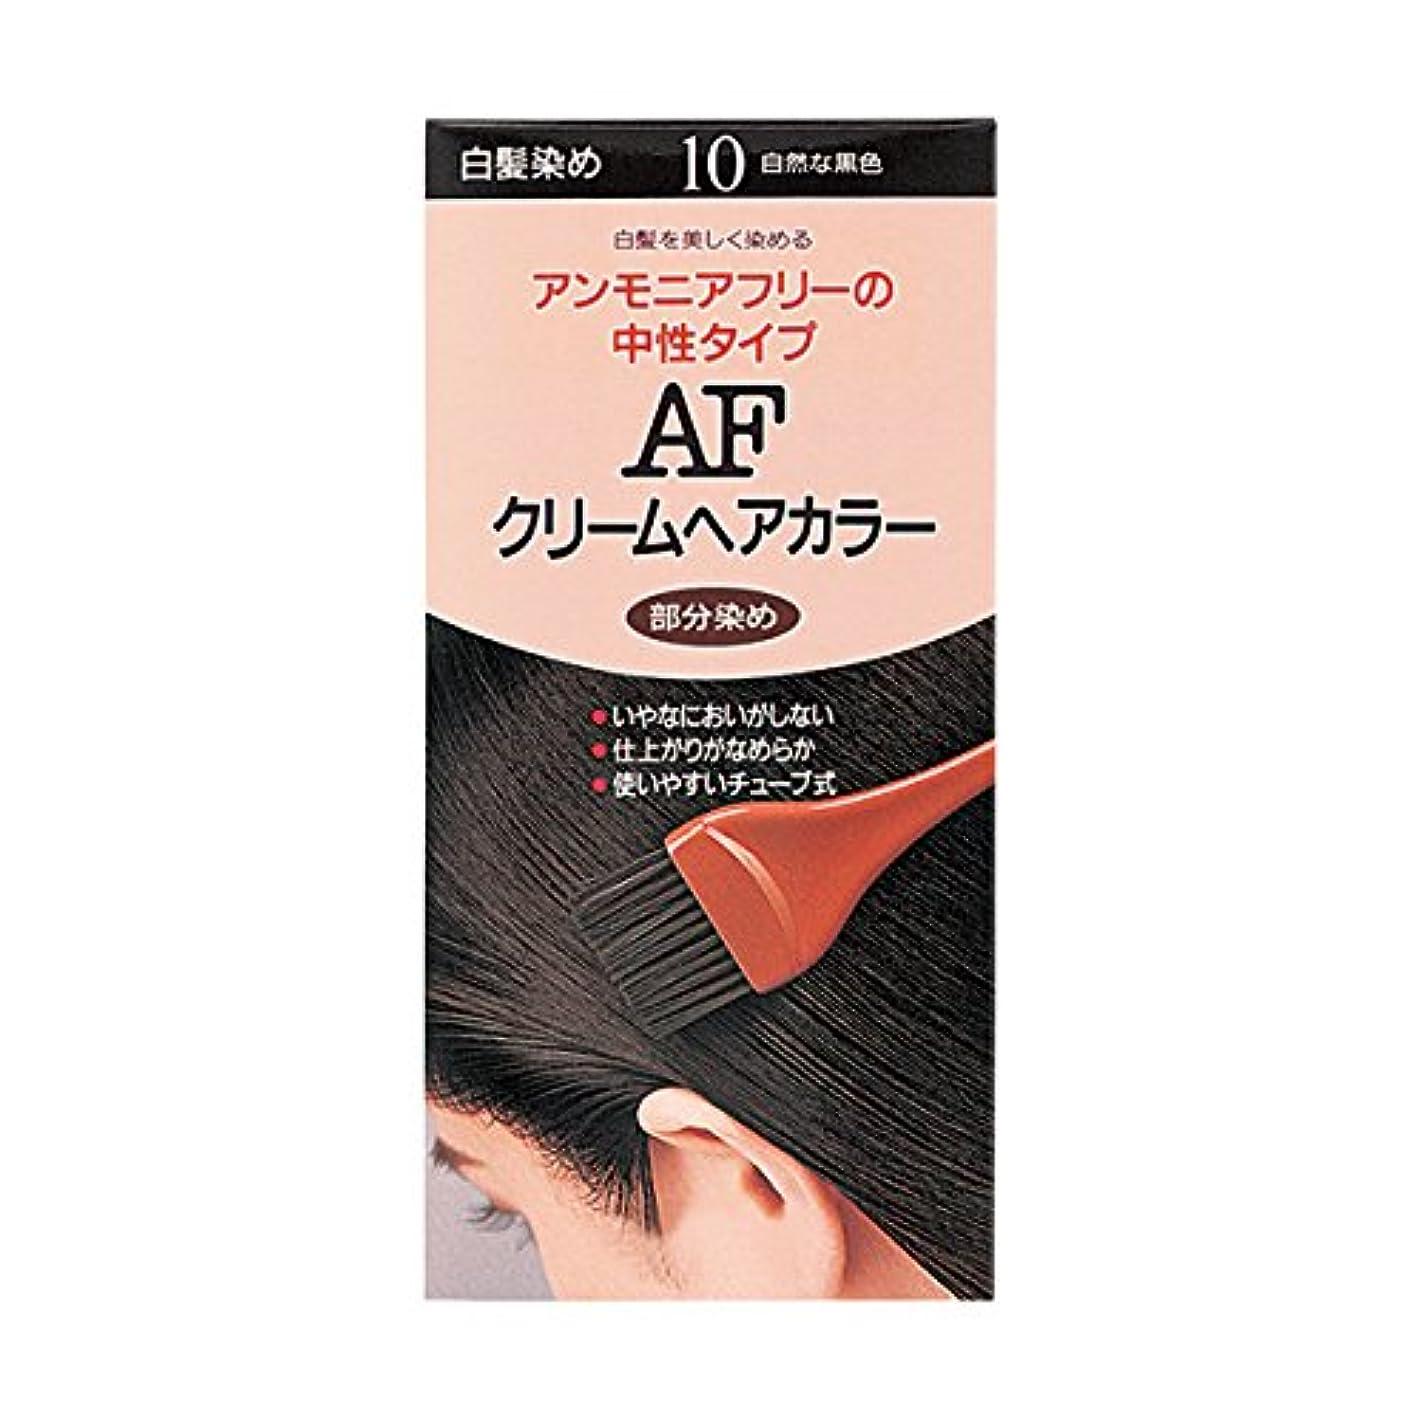 関連付けるラメ対立ヘアカラー AFクリームヘアカラー 10 【医薬部外品】